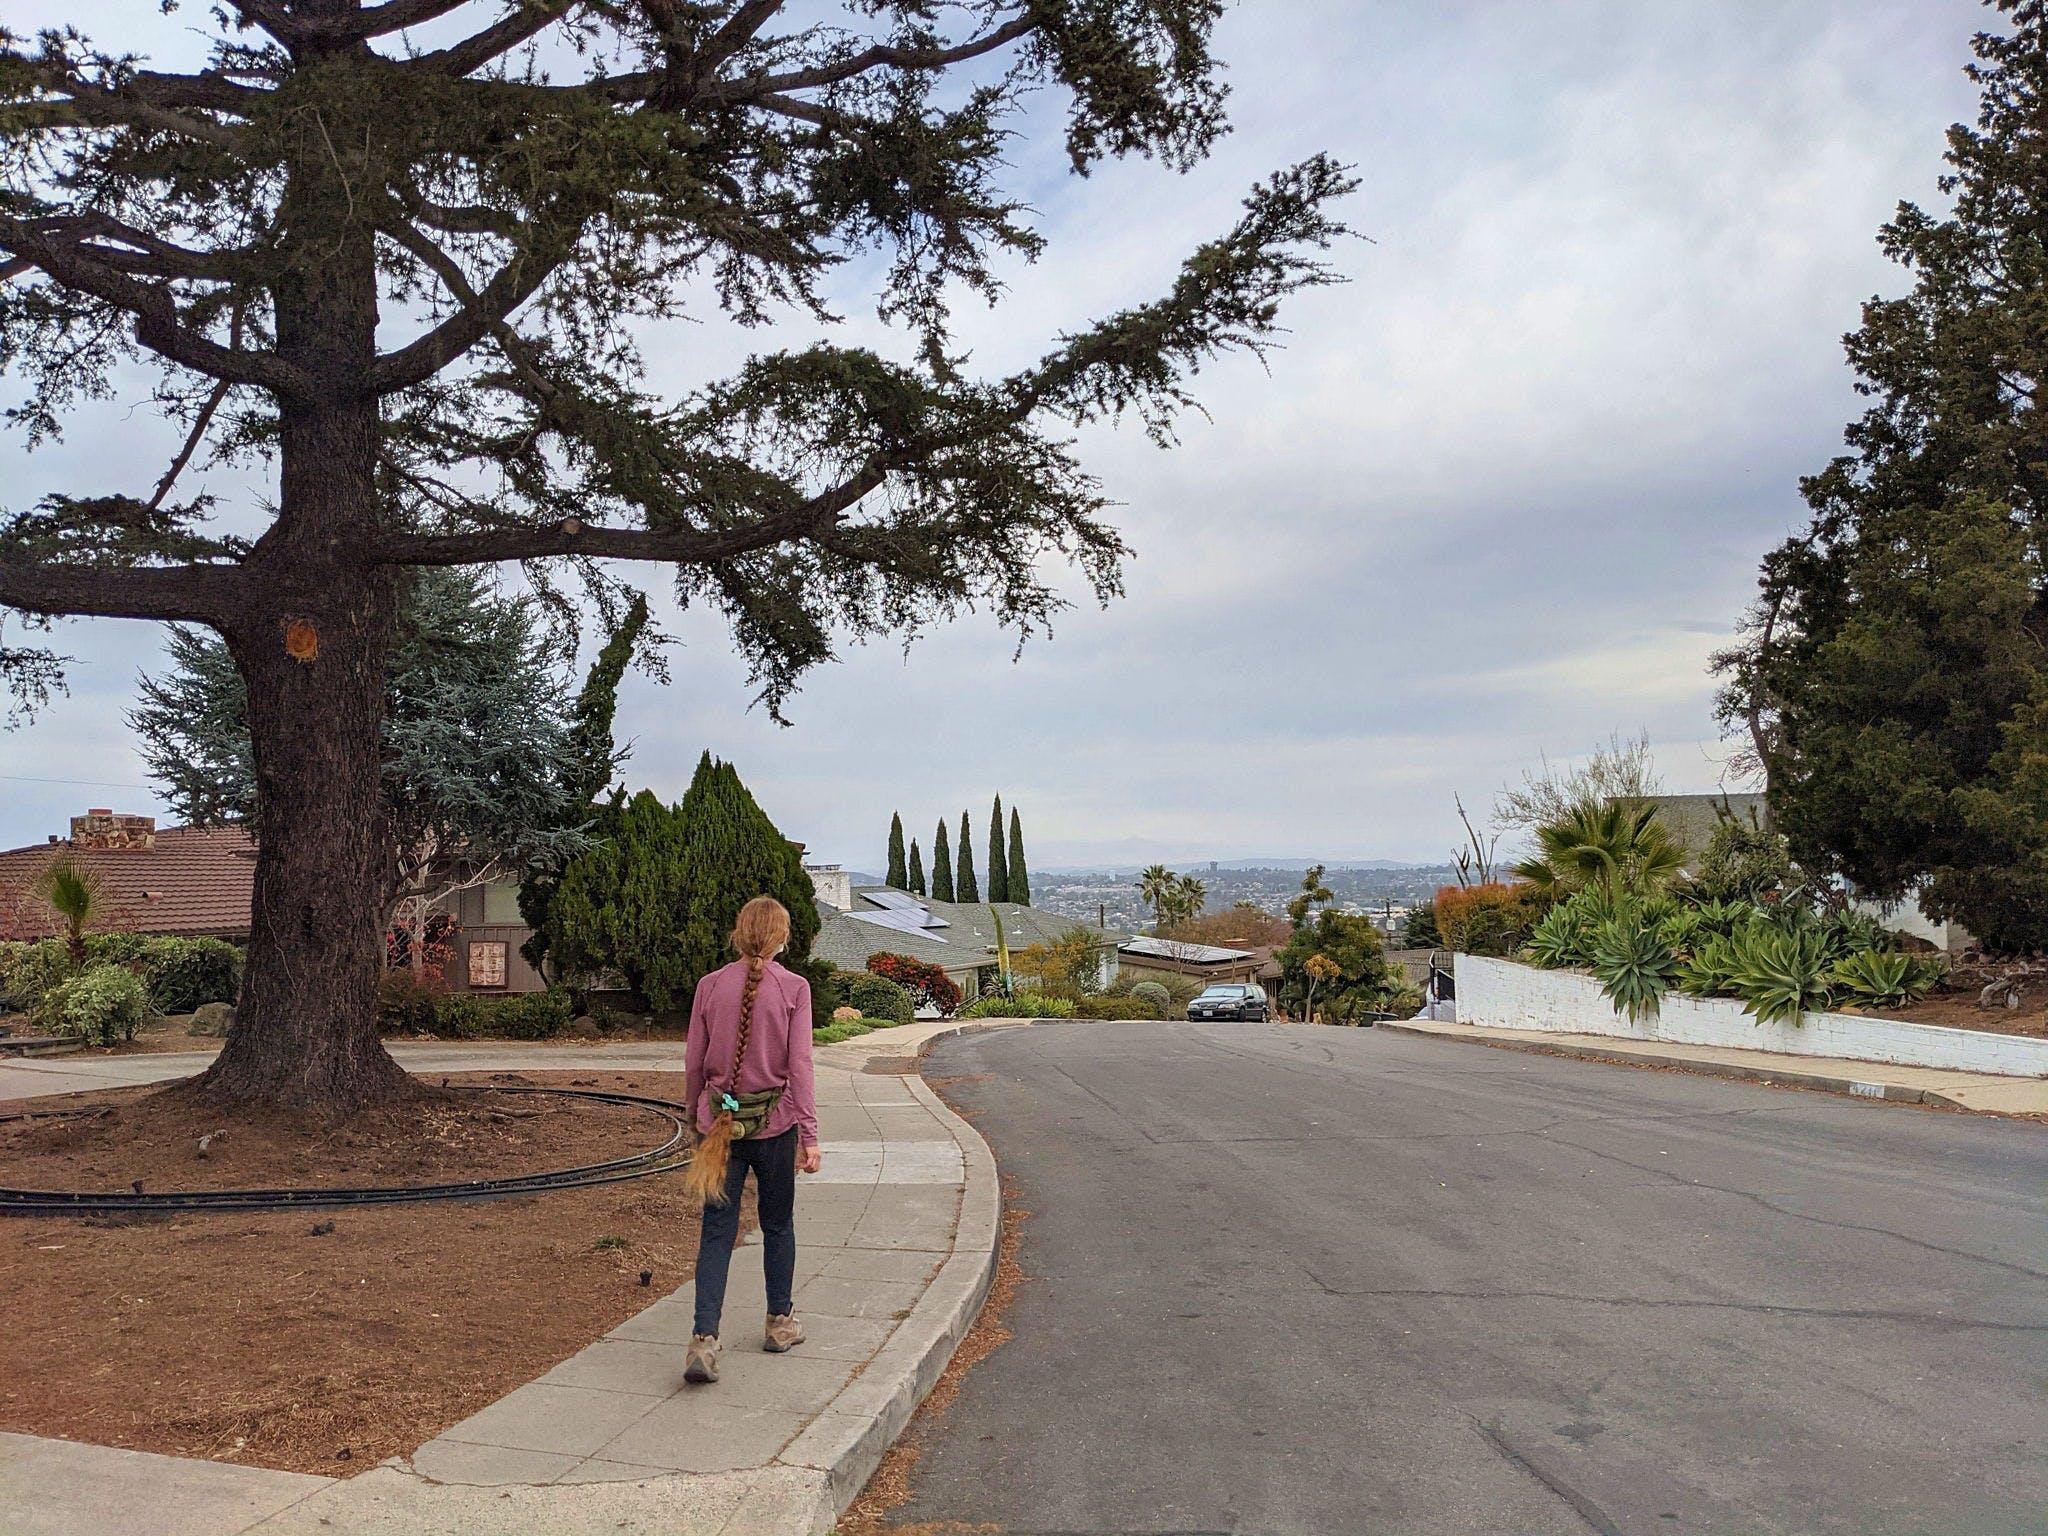 Woman on a walk in La Mesa San Diego County